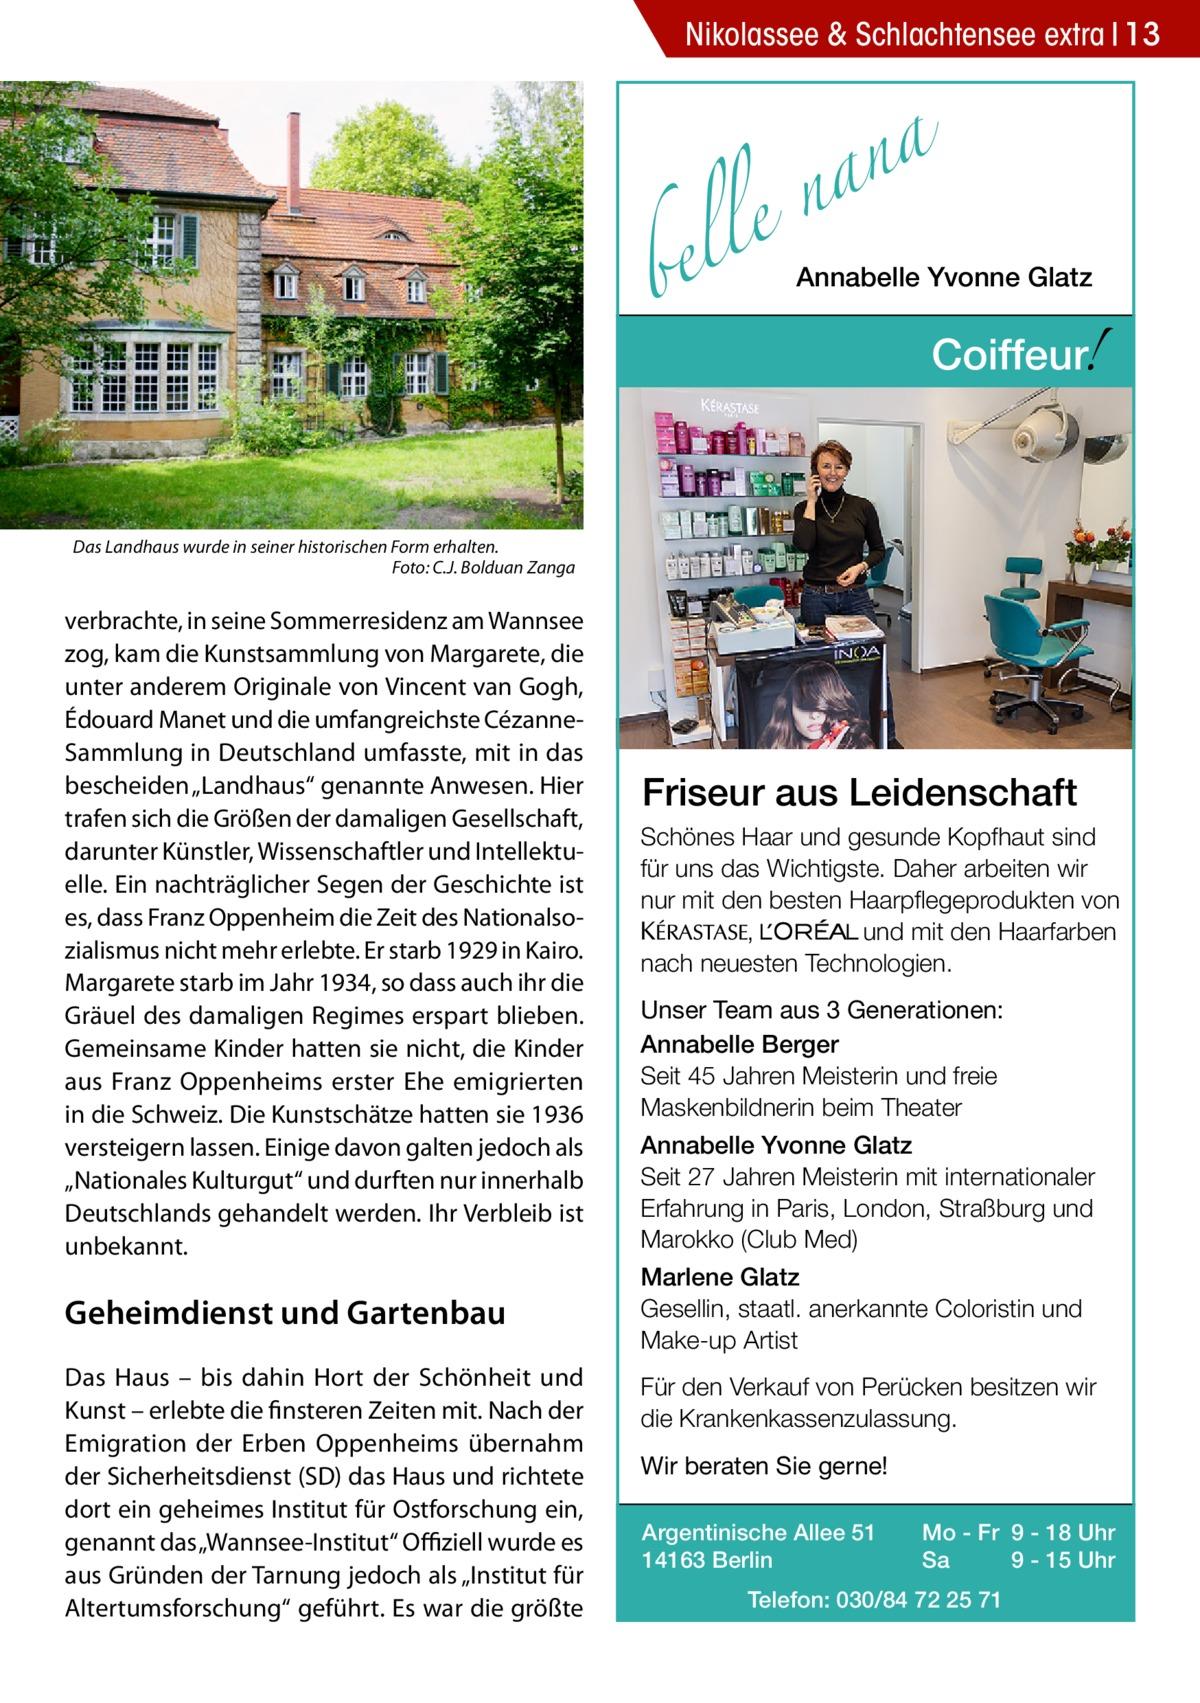 """Nikolassee & Schlachtensee extra 13  a n a le n  bel  Annabelle Yvonne Glatz  !  Coiffeur  Das Landhaus wurde in seiner historischen Form erhalten. � Foto: C.J. Bolduan Zanga  verbrachte, in seine Sommerresidenz am Wannsee zog, kam die Kunstsammlung von Margarete, die unter anderem Originale von Vincent van Gogh, Édouard Manet und die umfangreichste CézanneSammlung in Deutschland umfasste, mit in das bescheiden """"Landhaus"""" genannte Anwesen. Hier trafen sich die Größen der damaligen Gesellschaft, darunter Künstler, Wissenschaftler und Intellektuelle. Ein nachträglicher Segen der Geschichte ist es, dass Franz Oppenheim die Zeit des Nationalsozialismus nicht mehr erlebte. Er starb 1929 in Kairo. Margarete starb im Jahr 1934, so dass auch ihr die Gräuel des damaligen Regimes erspart blieben. Gemeinsame Kinder hatten sie nicht, die Kinder aus Franz Oppenheims erster Ehe emigrierten in die Schweiz. Die Kunstschätze hatten sie 1936 versteigern lassen. Einige davon galten jedoch als """"Nationales Kulturgut"""" und durften nur innerhalb Deutschlands gehandelt werden. Ihr Verbleib ist unbekannt.  Geheimdienst und Gartenbau Das Haus – bis dahin Hort der Schönheit und Kunst – erlebte die finsteren Zeiten mit. Nach der Emigration der Erben Oppenheims übernahm der Sicherheitsdienst (SD) das Haus und richtete dort ein geheimes Institut für Ostforschung ein, genannt das """"Wannsee-Institut"""" Offiziell wurde es aus Gründen der Tarnung jedoch als """"Institut für Altertumsforschung"""" geführt. Es war die größte  Friseur aus Leidenschaft Schönes Haar und gesunde Kopfhaut sind für uns das Wichtigste. Daher arbeiten wir nur mit den besten Haarpflegeprodukten von KERASTA, L'Oreal und mit den Haarfarben nach neuesten Technologien. Unser Team aus 3 Generationen: Annabelle Berger Seit 45 Jahren Meisterin und freie Maskenbildnerin beim Theater Annabelle Yvonne Glatz Seit 27 Jahren Meisterin mit internationaler Erfahrung in Paris, London, Straßburg und Marokko (Club Med) Marlene Glatz Gesellin, staatl. ane"""